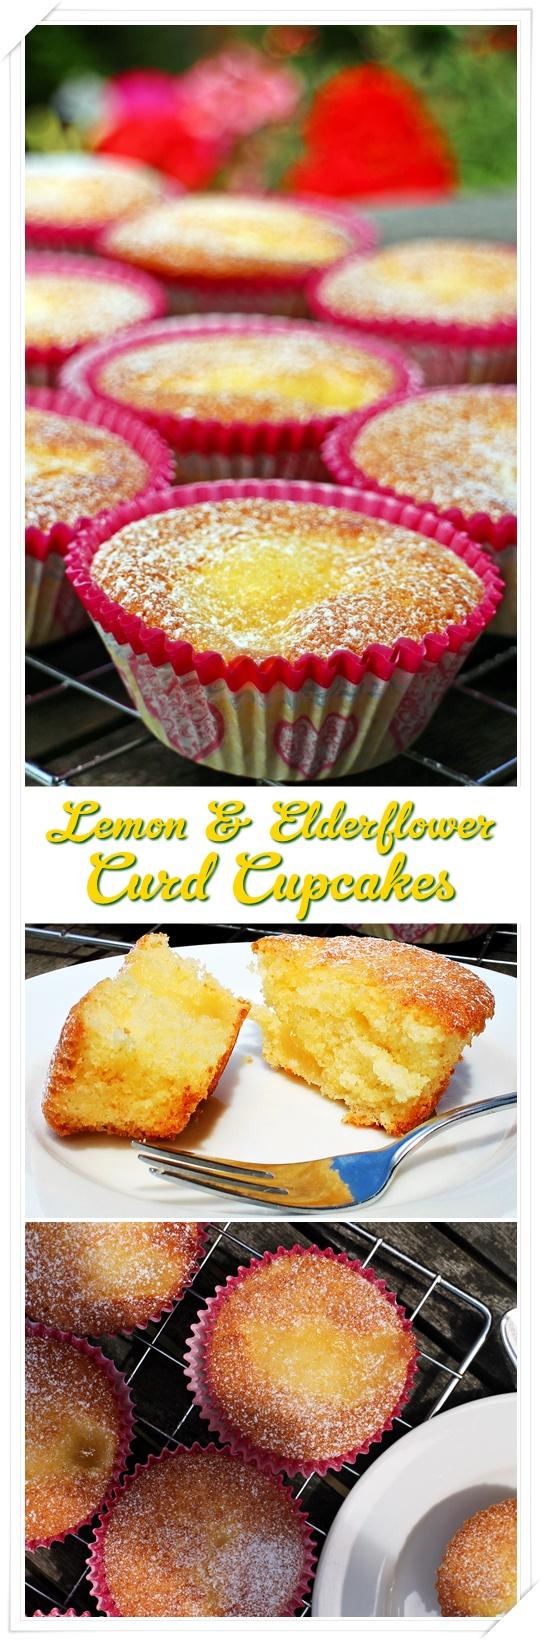 Lemon & Elderflower Cupcakes - Fab Food 4 All